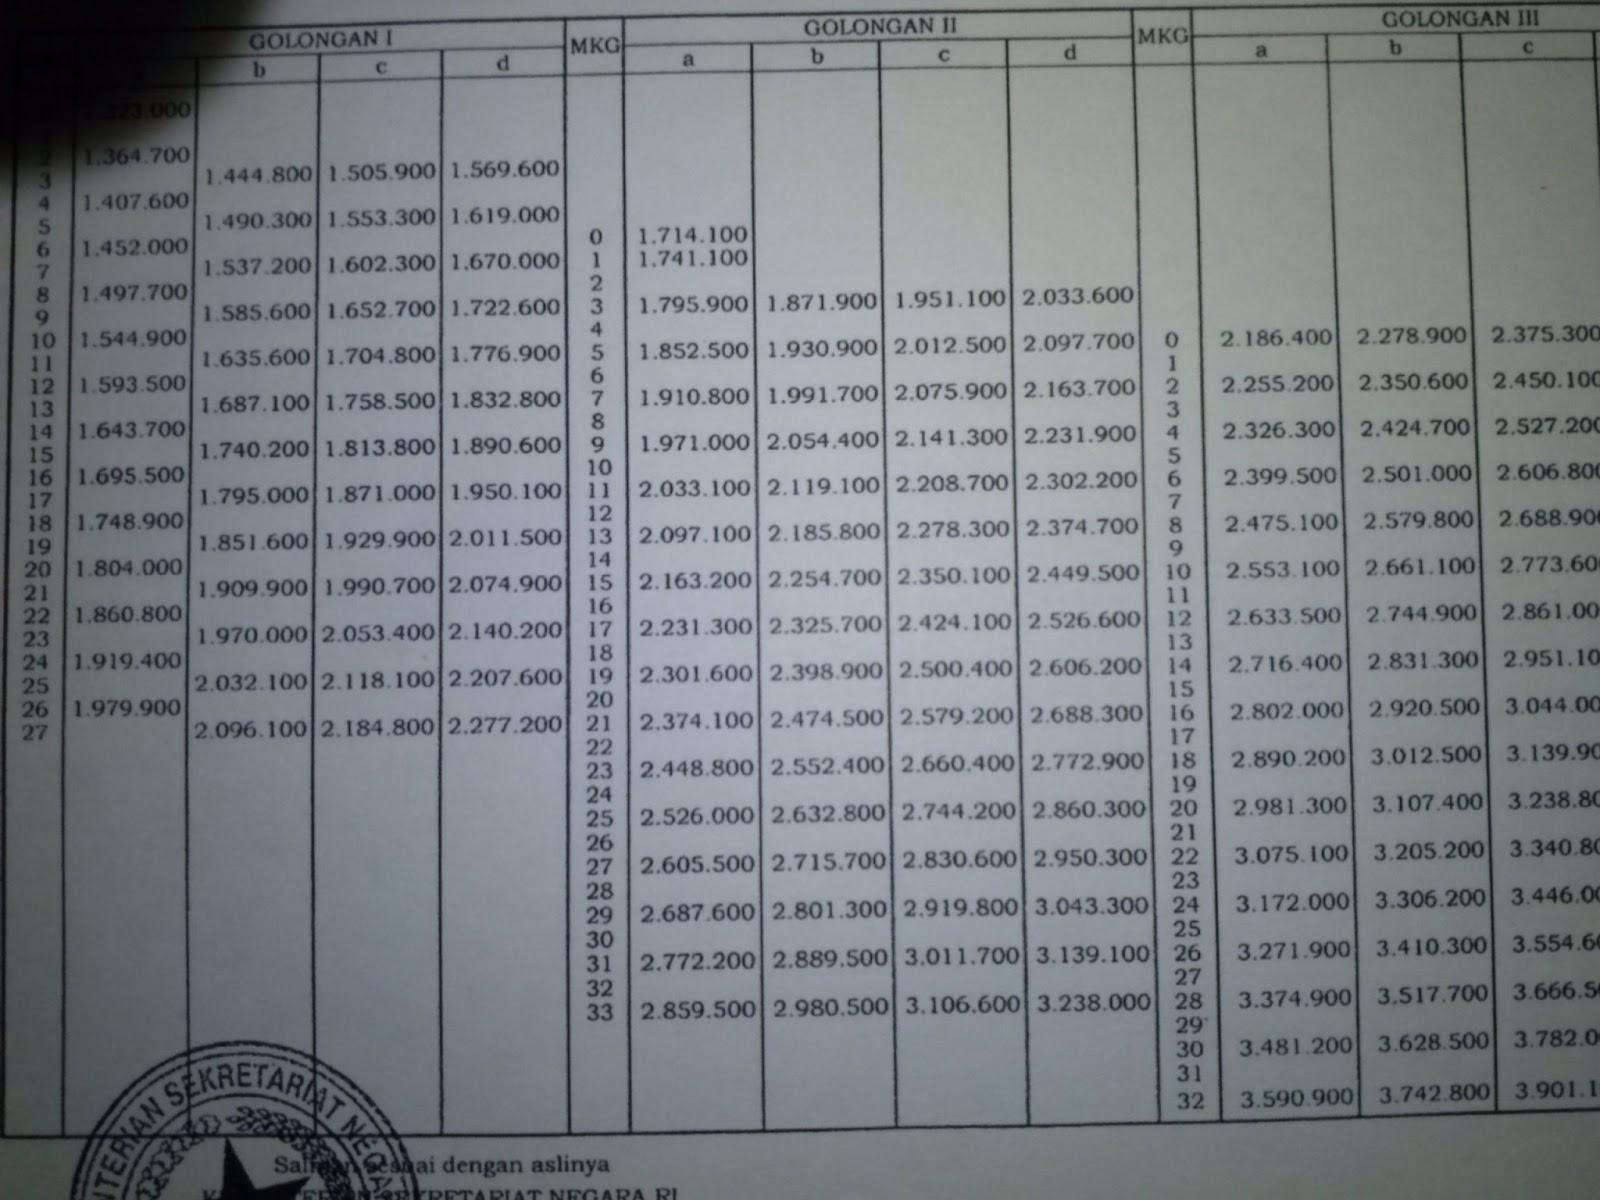 tabel gaji pns 2013 daftar gaji pns 2013 di bendahara gaji nilainya